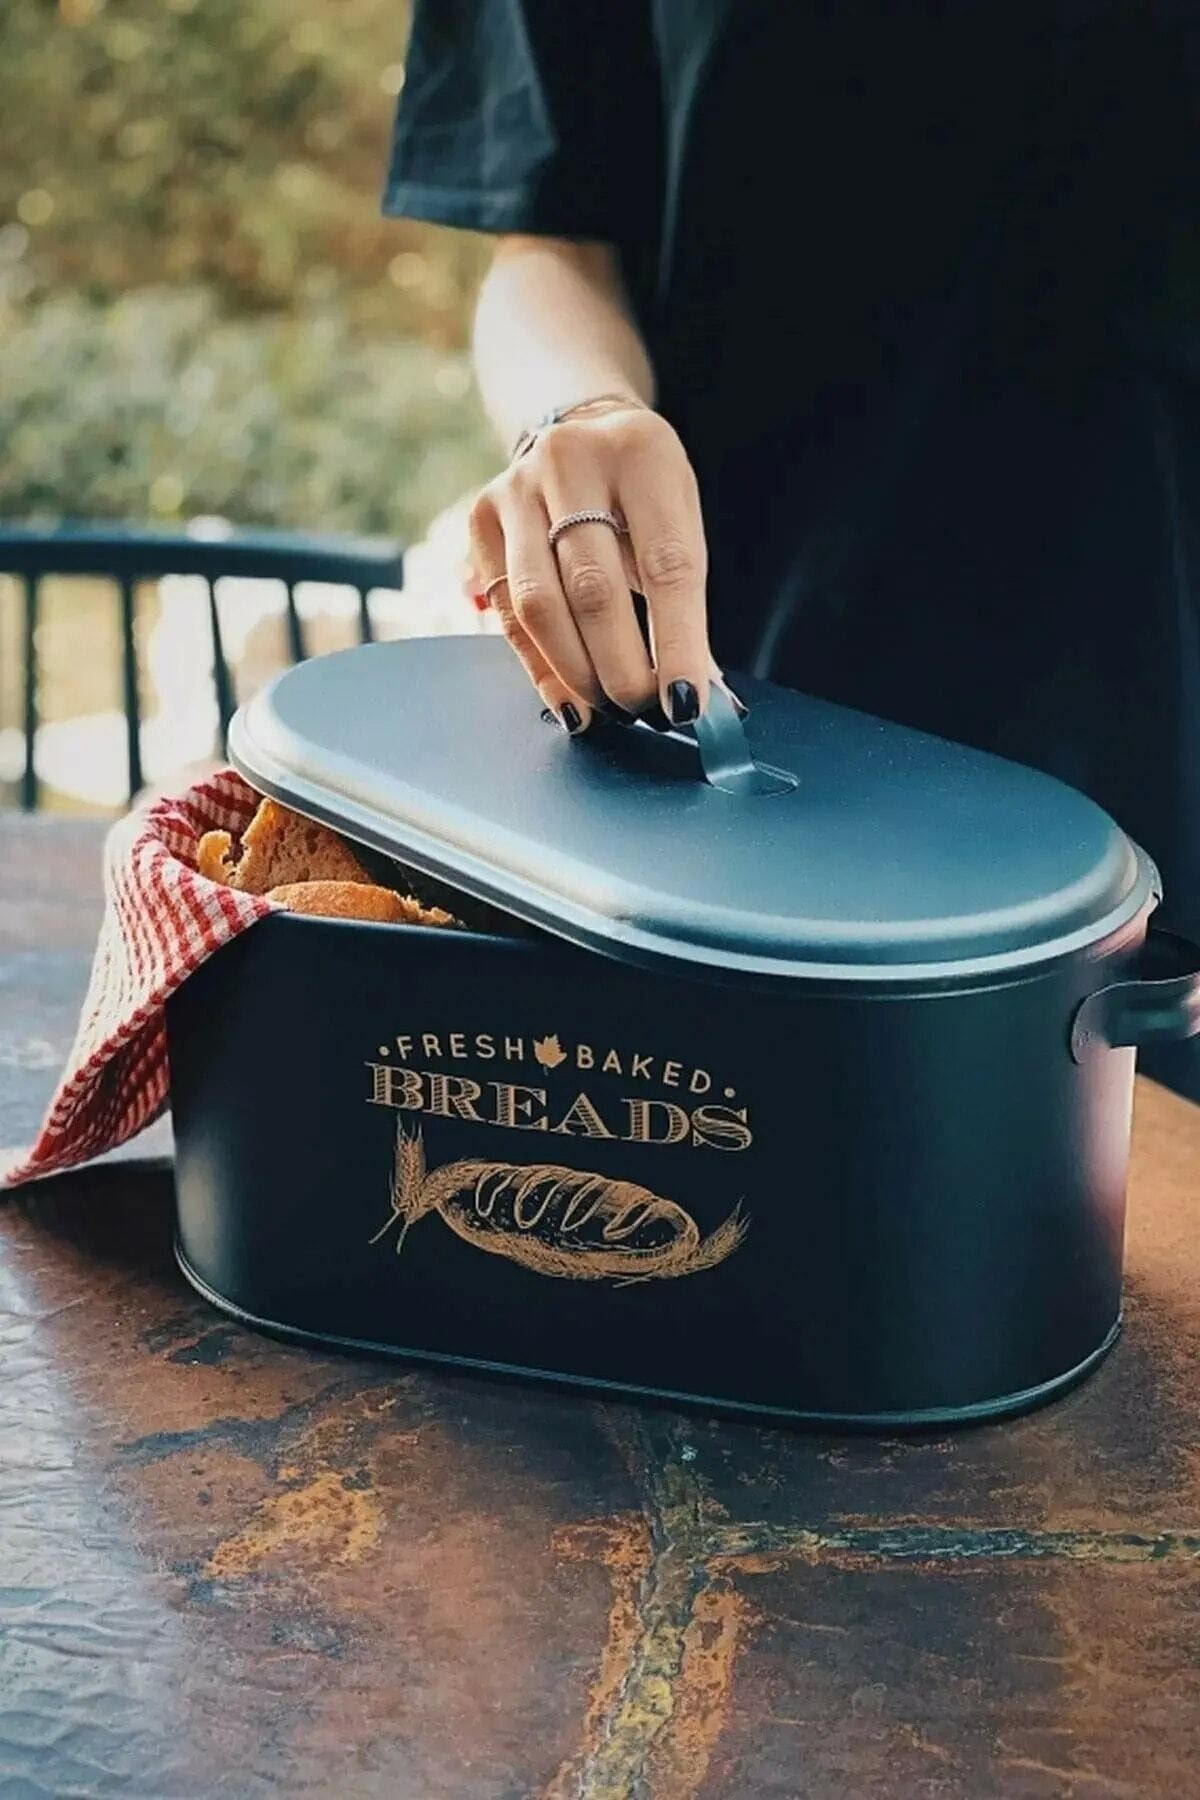 Siyah Italyan Tarzı Metal Ekmeklik Ekmek kutusu